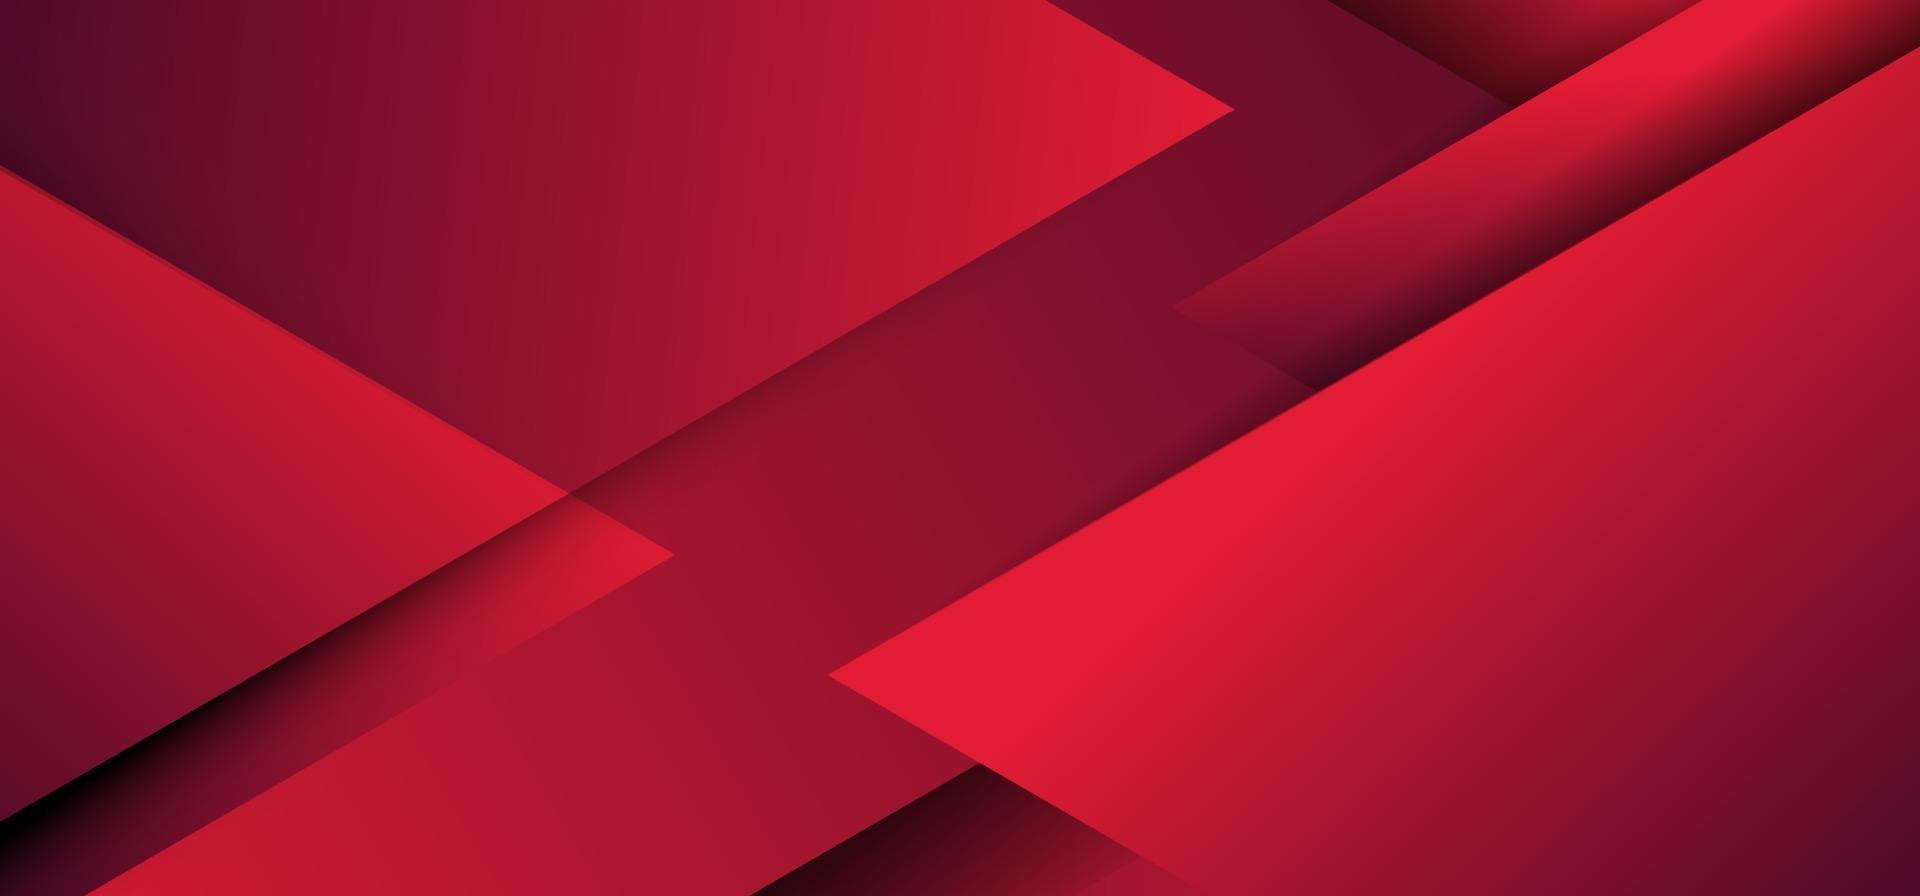 triangles géométriques rouges abstraits qui se chevauchent couche papier coupé fond de style. vecteur